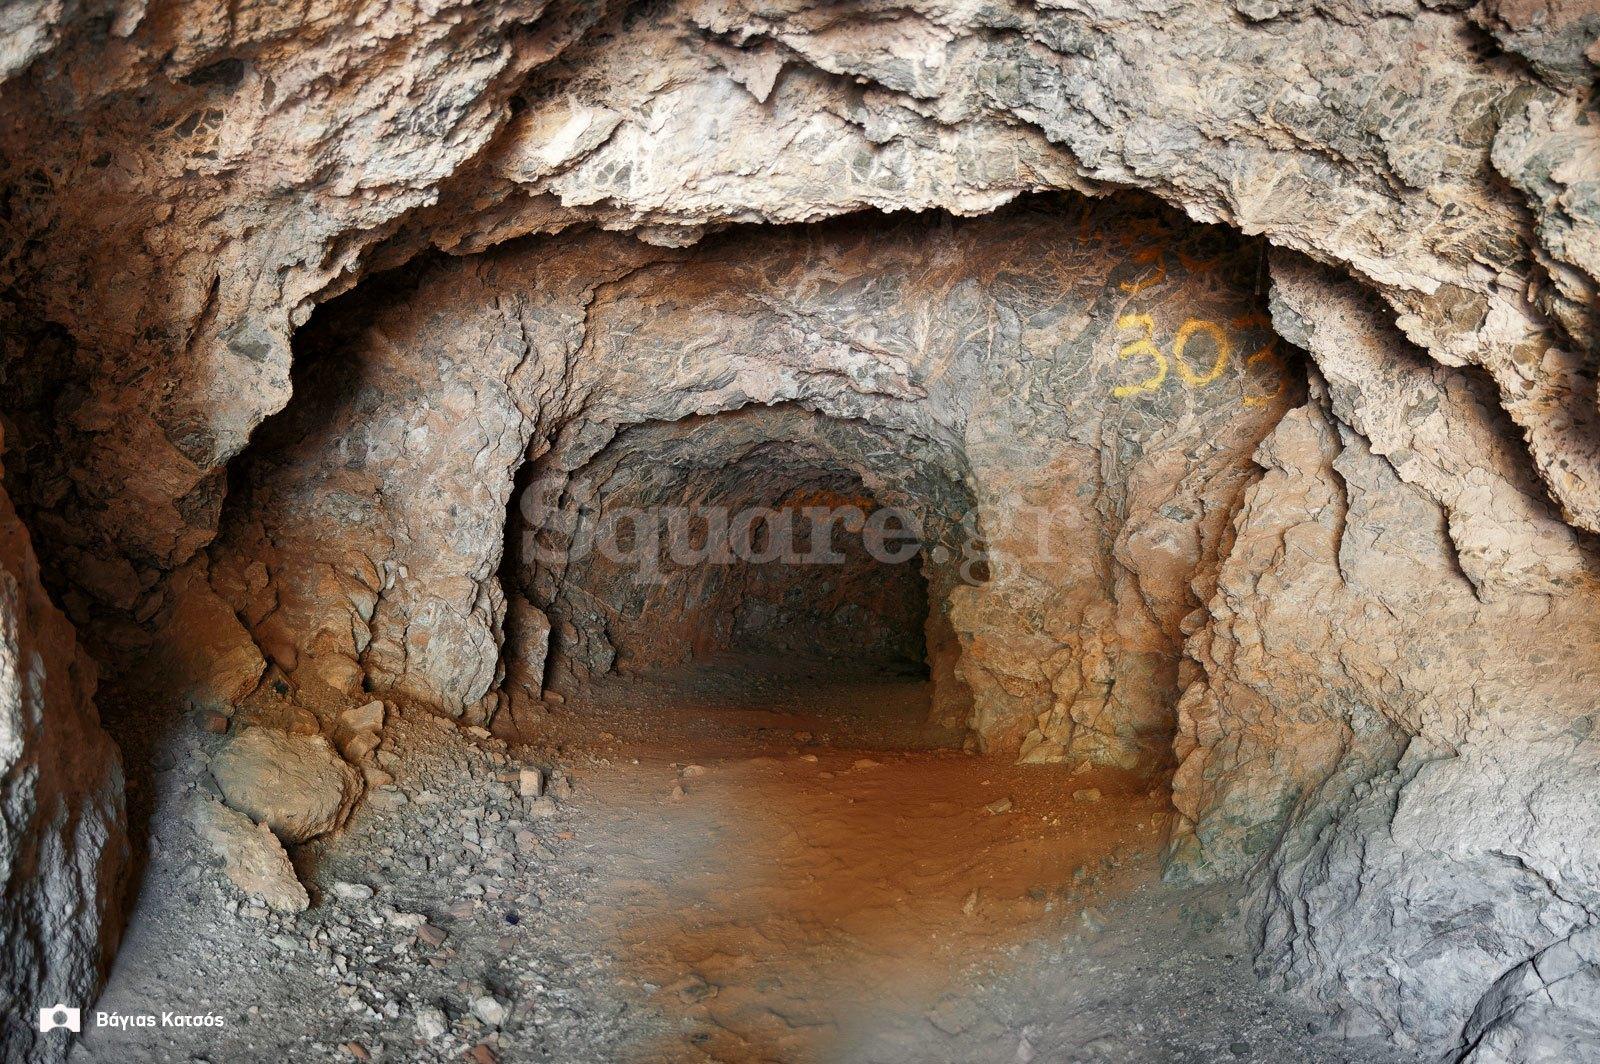 5-Τάφρος-και-μεσαιωνικό-τείχος-της-Χαλκίδας-μέσα-στο-χώρο-της-σχολής-πεζικού-λαγούμι-contra-mina